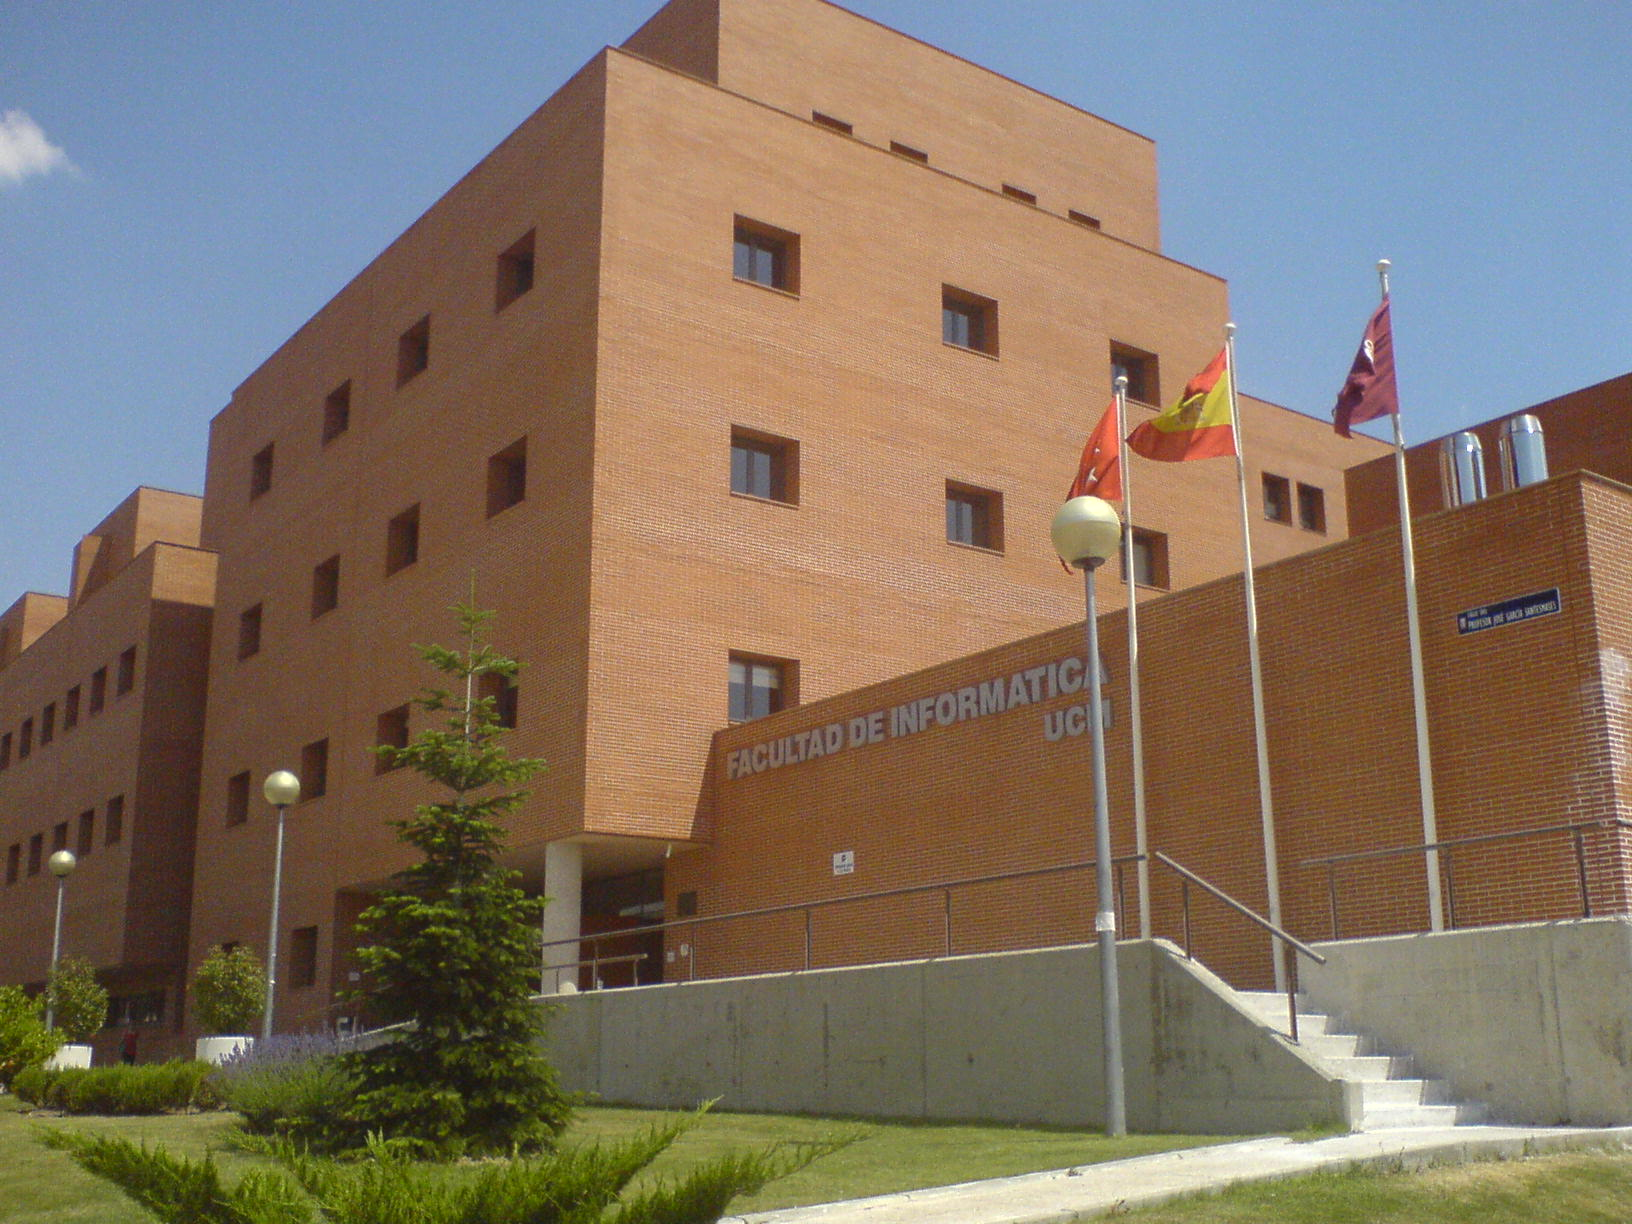 Facultad de Informática (Universidad Complutense de Madrid) - Wikipedia, la  enciclopedia libre